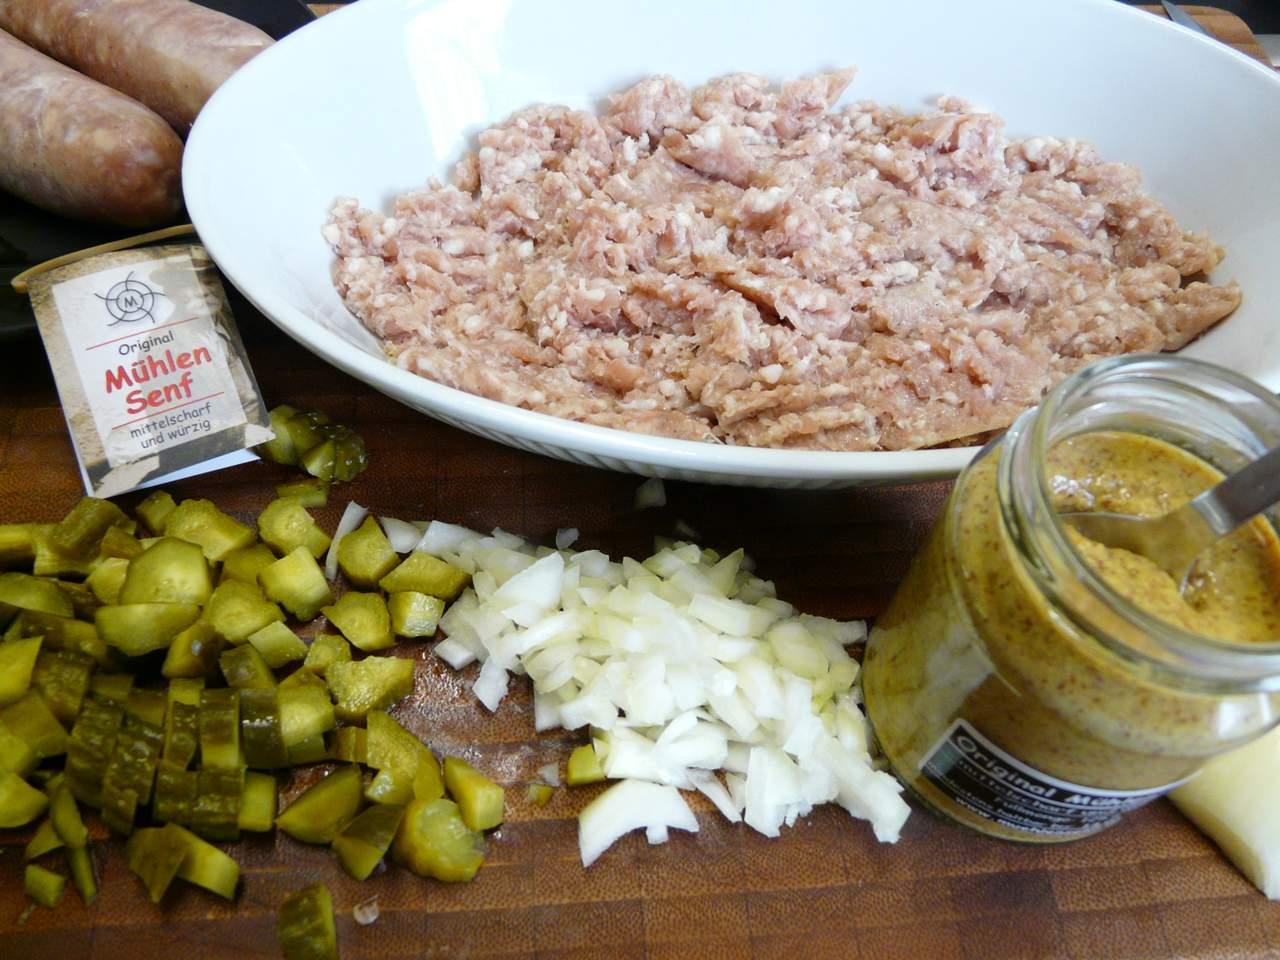 Frische grobe Bratwurst mit Zwiebeln, Gurken und Senf